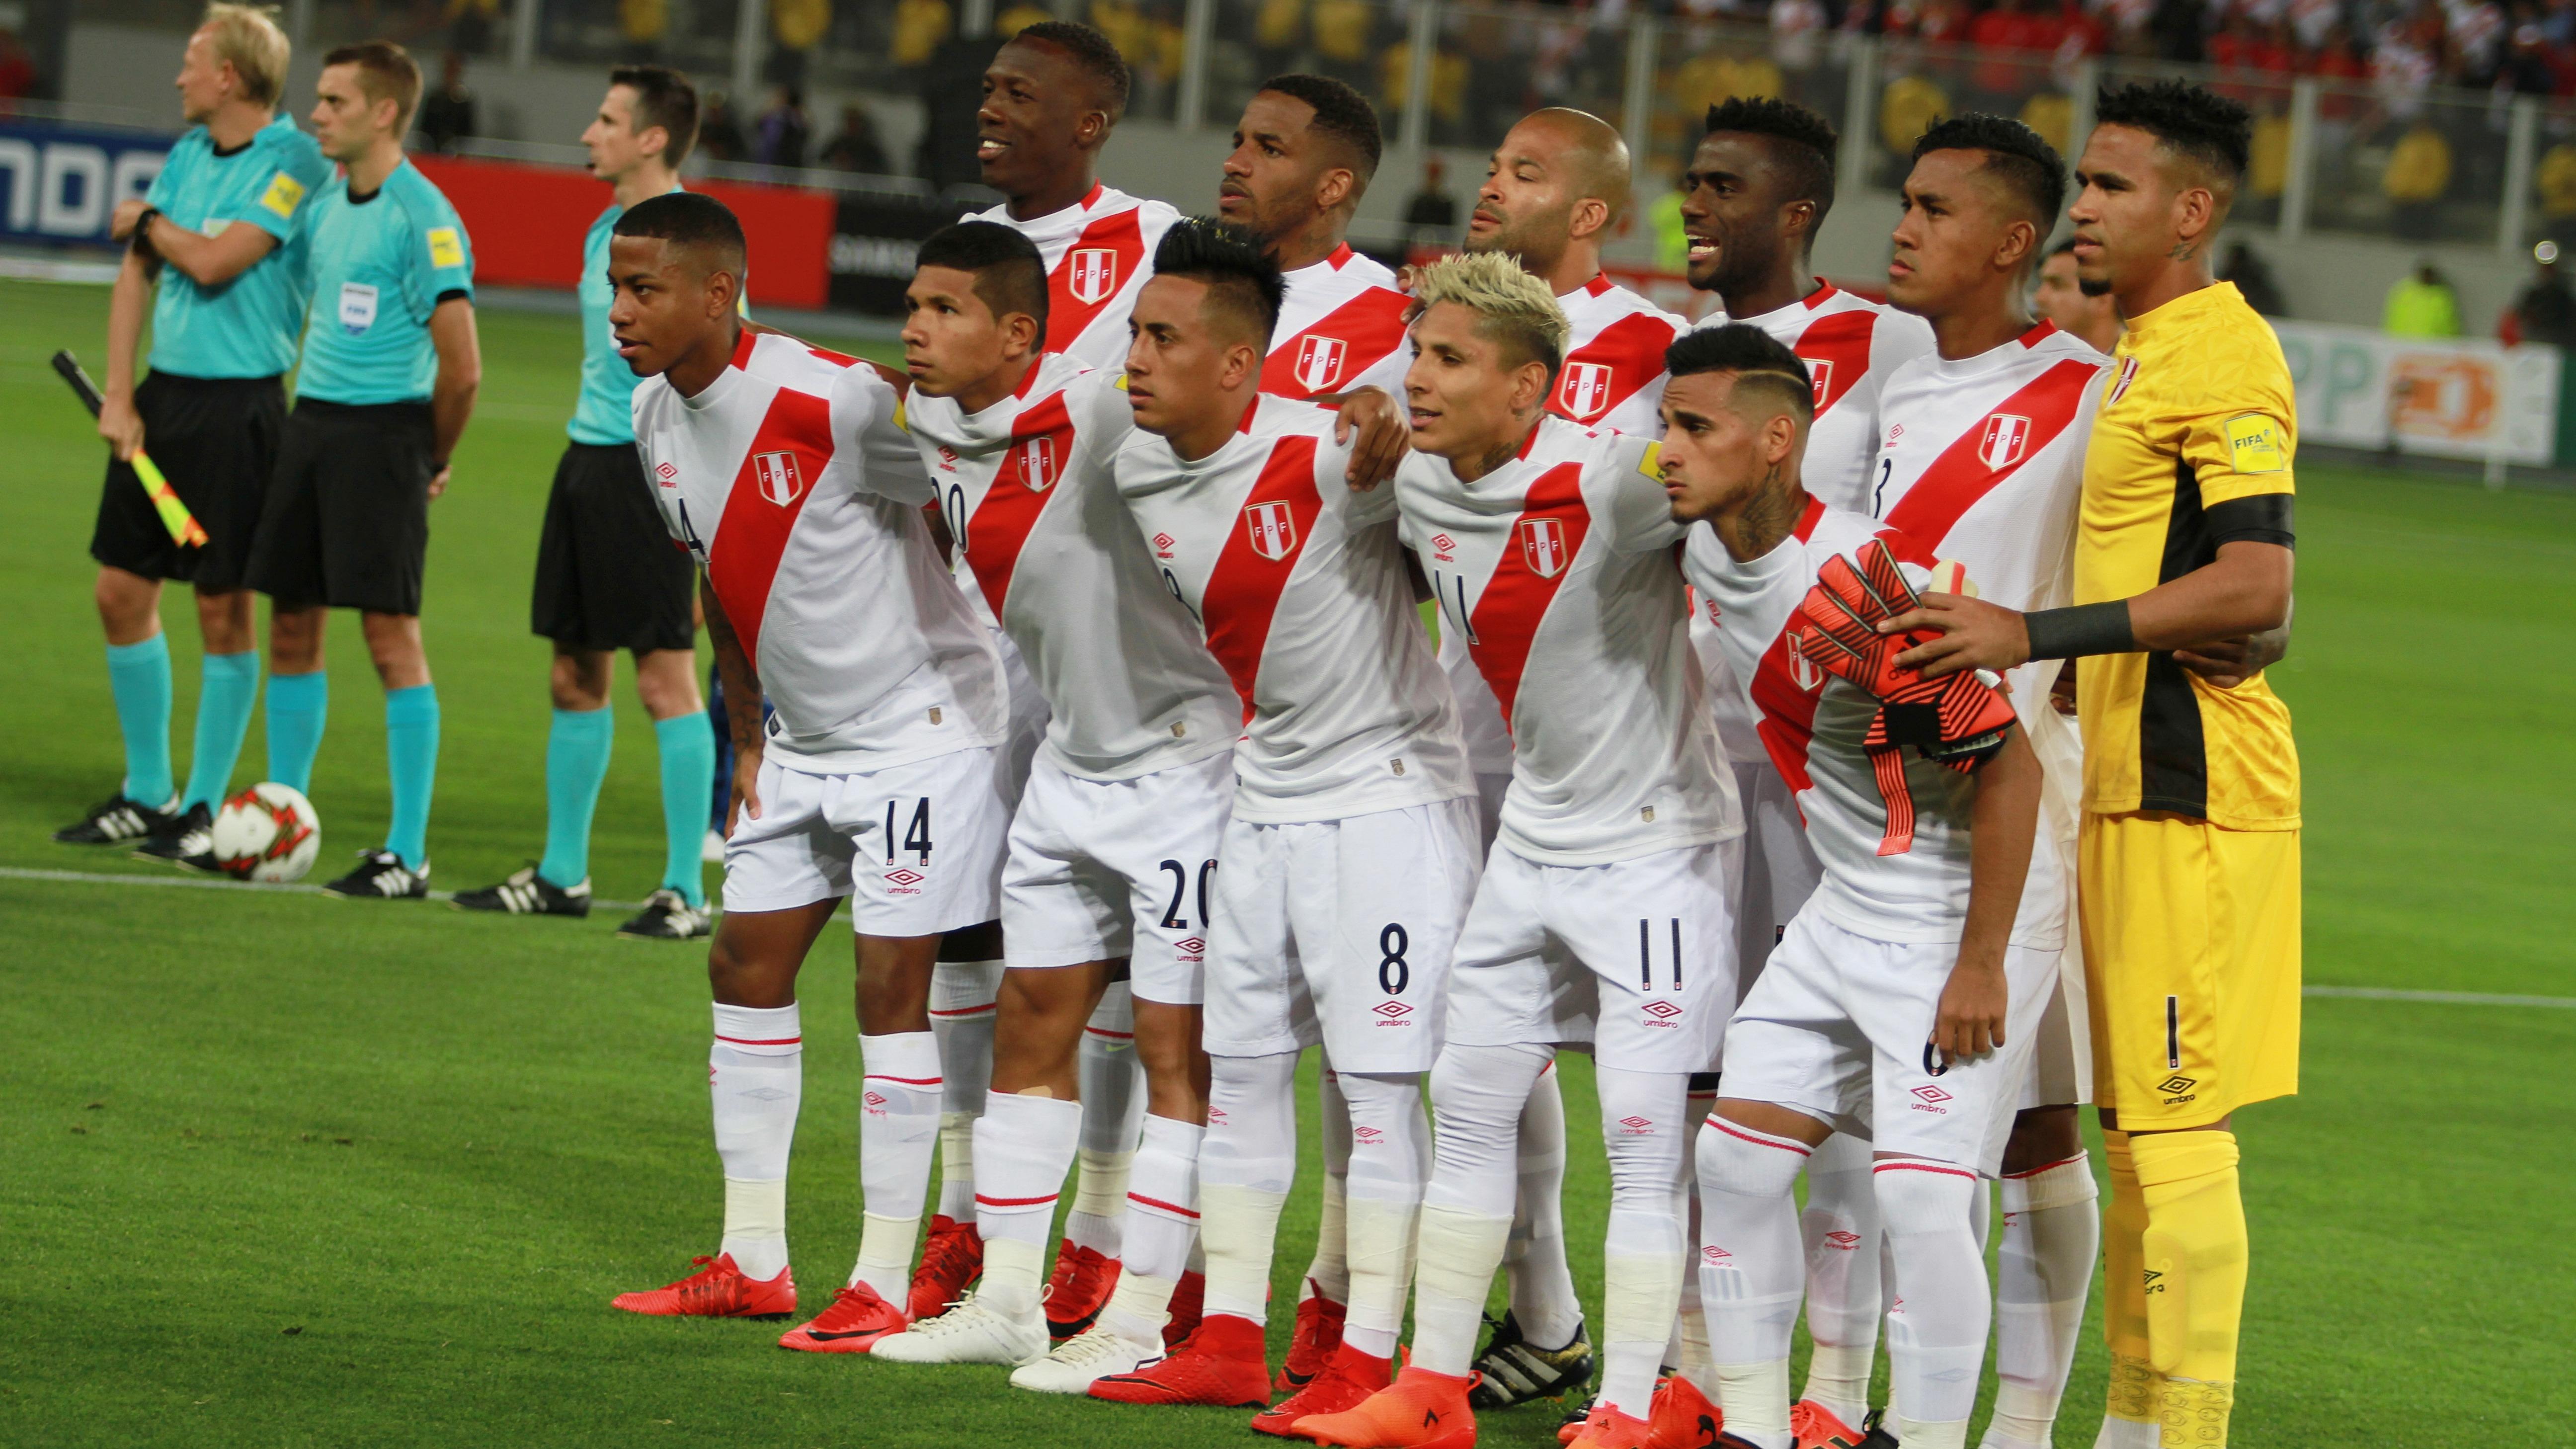 La Selección Peruana se ubica en el puesto 11 del ránking FIFA.